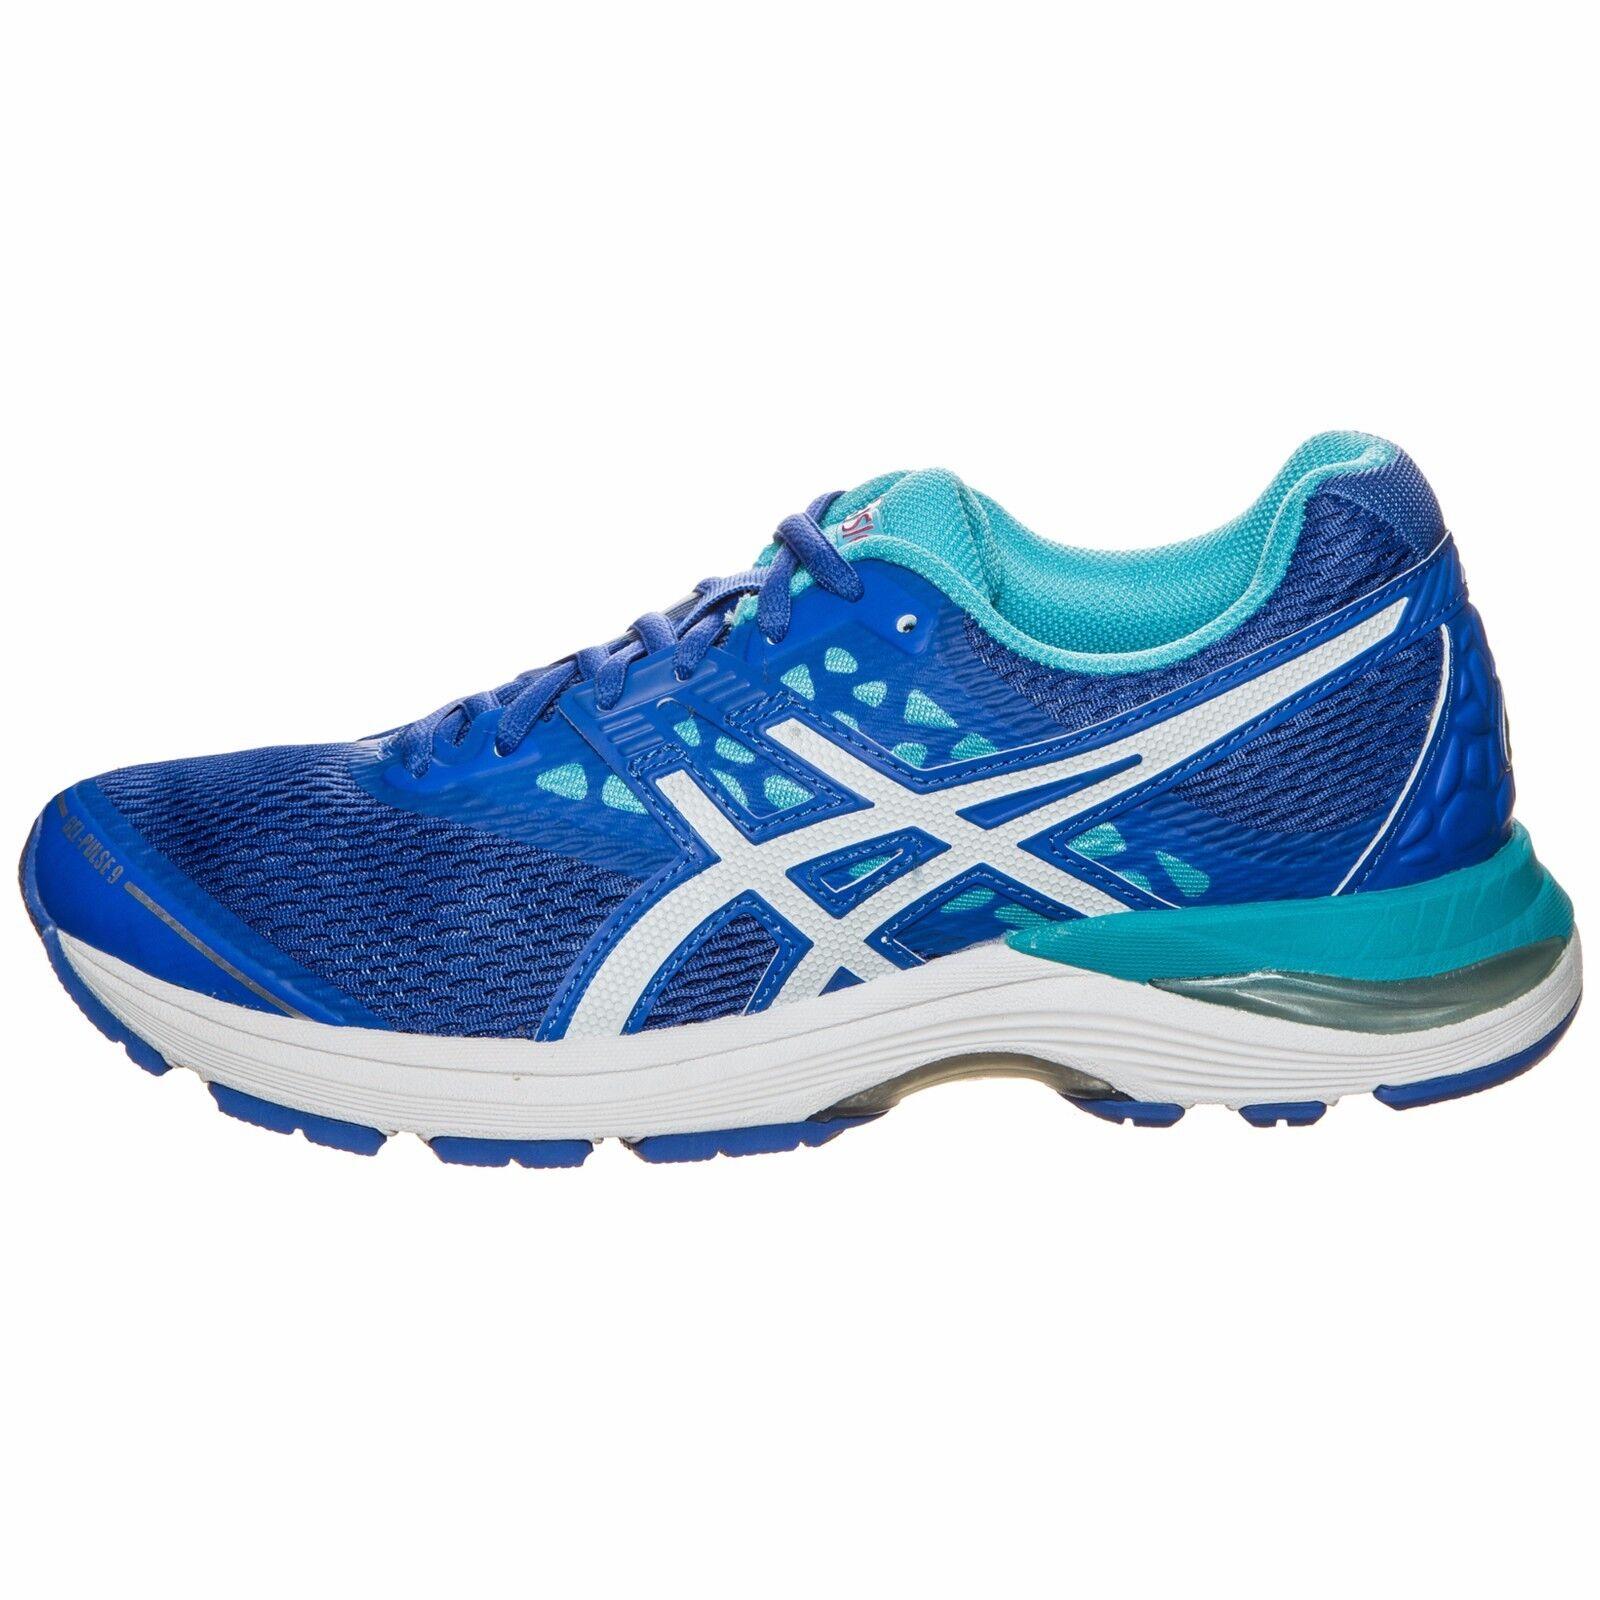 ASICS GEL pulse 9 Mujer de running Zapatos price reduction reducción de Mujer precio el modelo mas vendido de la marca 60a594